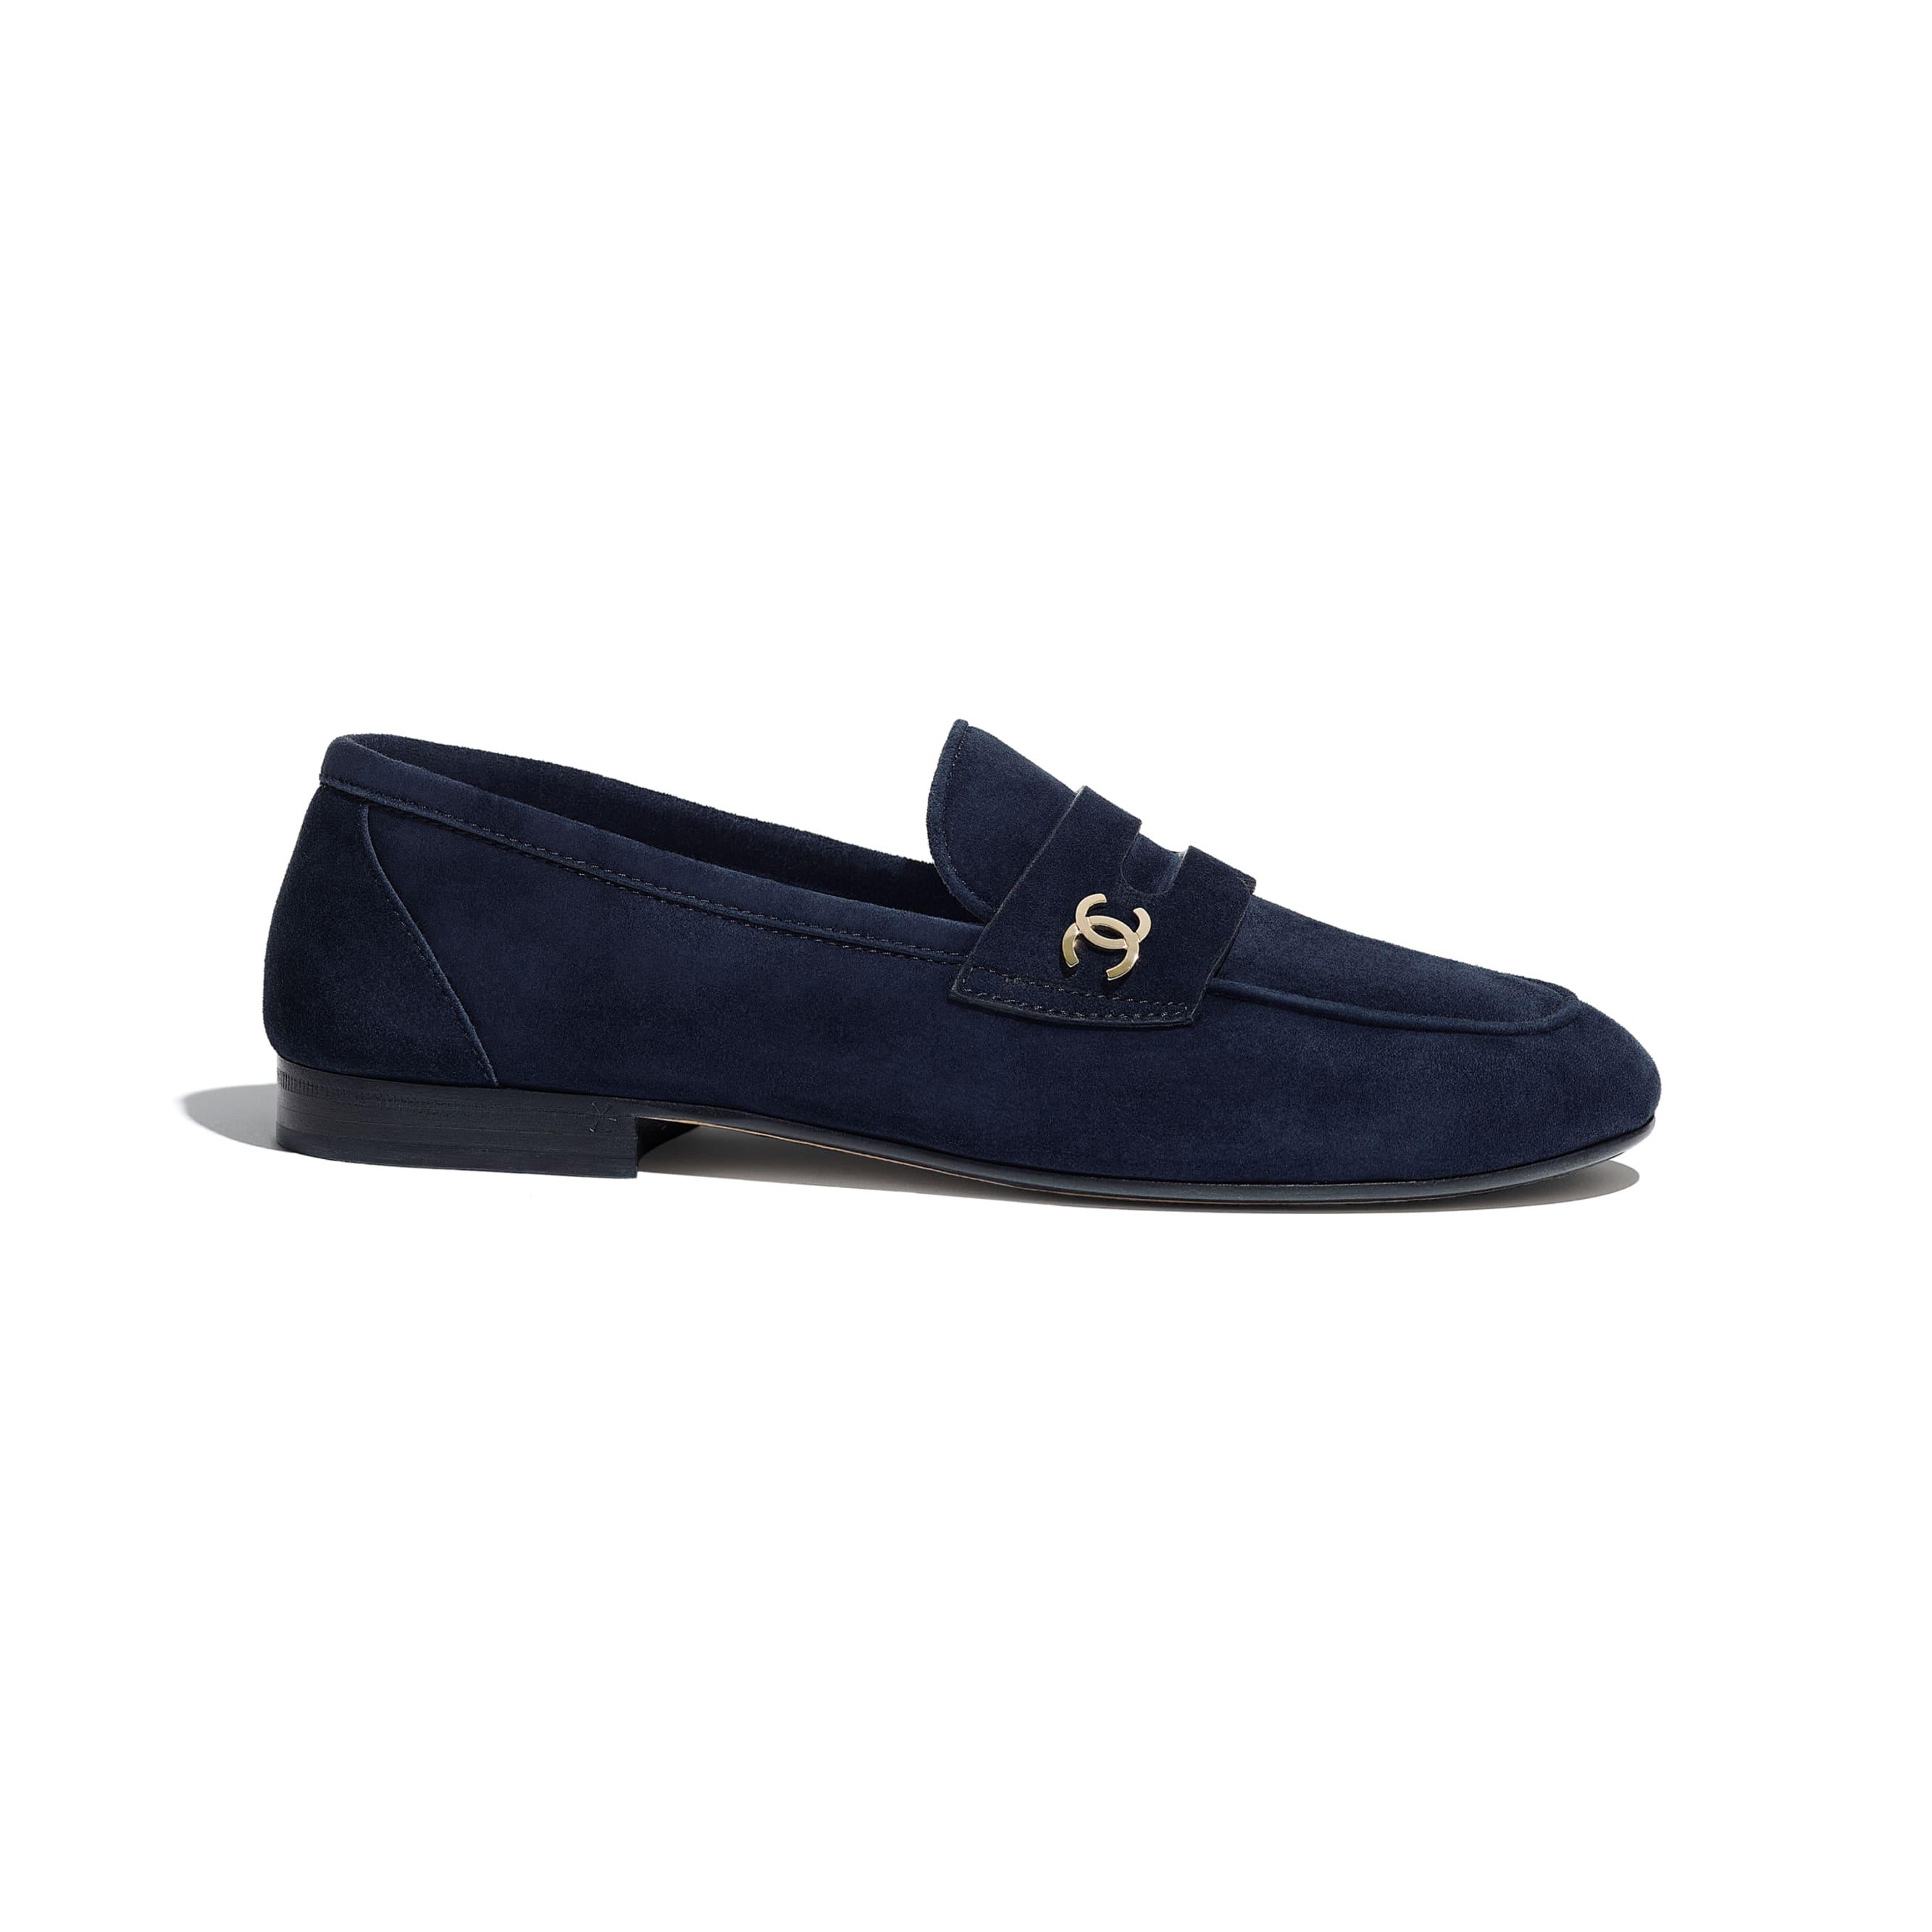 樂福鞋 - 海軍藍 - 小牛麂皮 - CHANEL - 預設視圖 - 查看標準尺寸版本